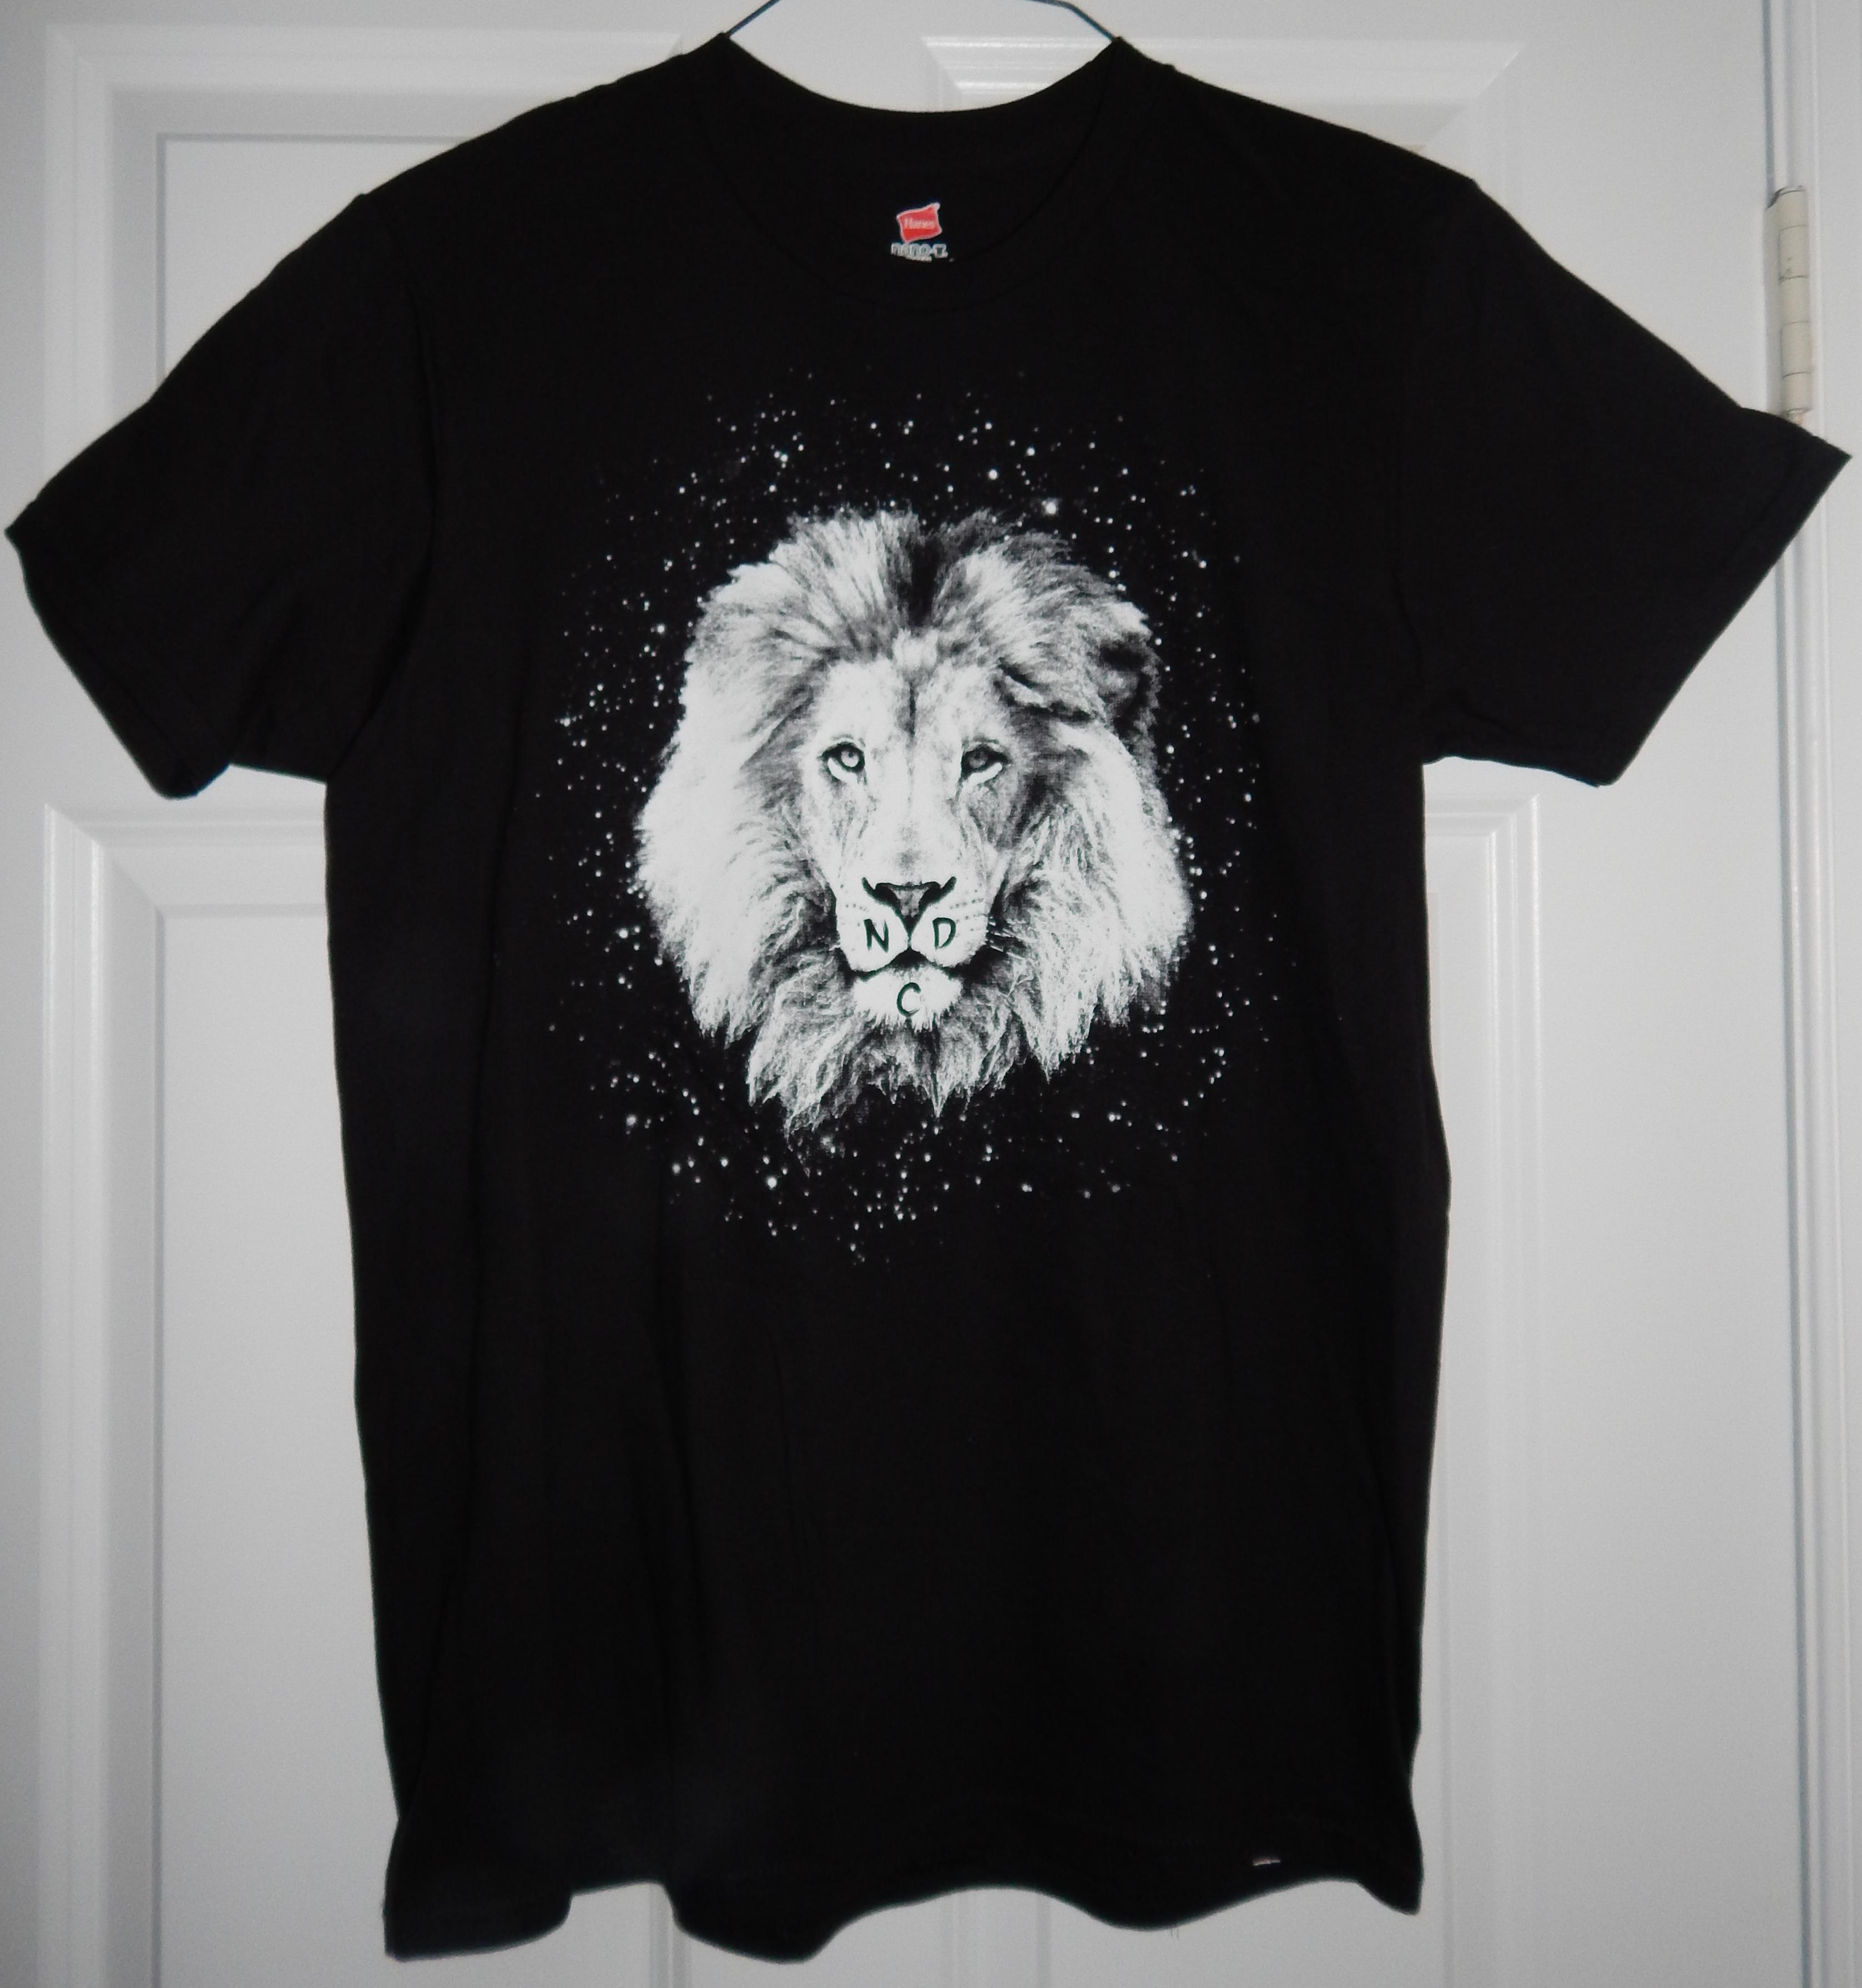 Black - OG Lion / New Domain Clothing